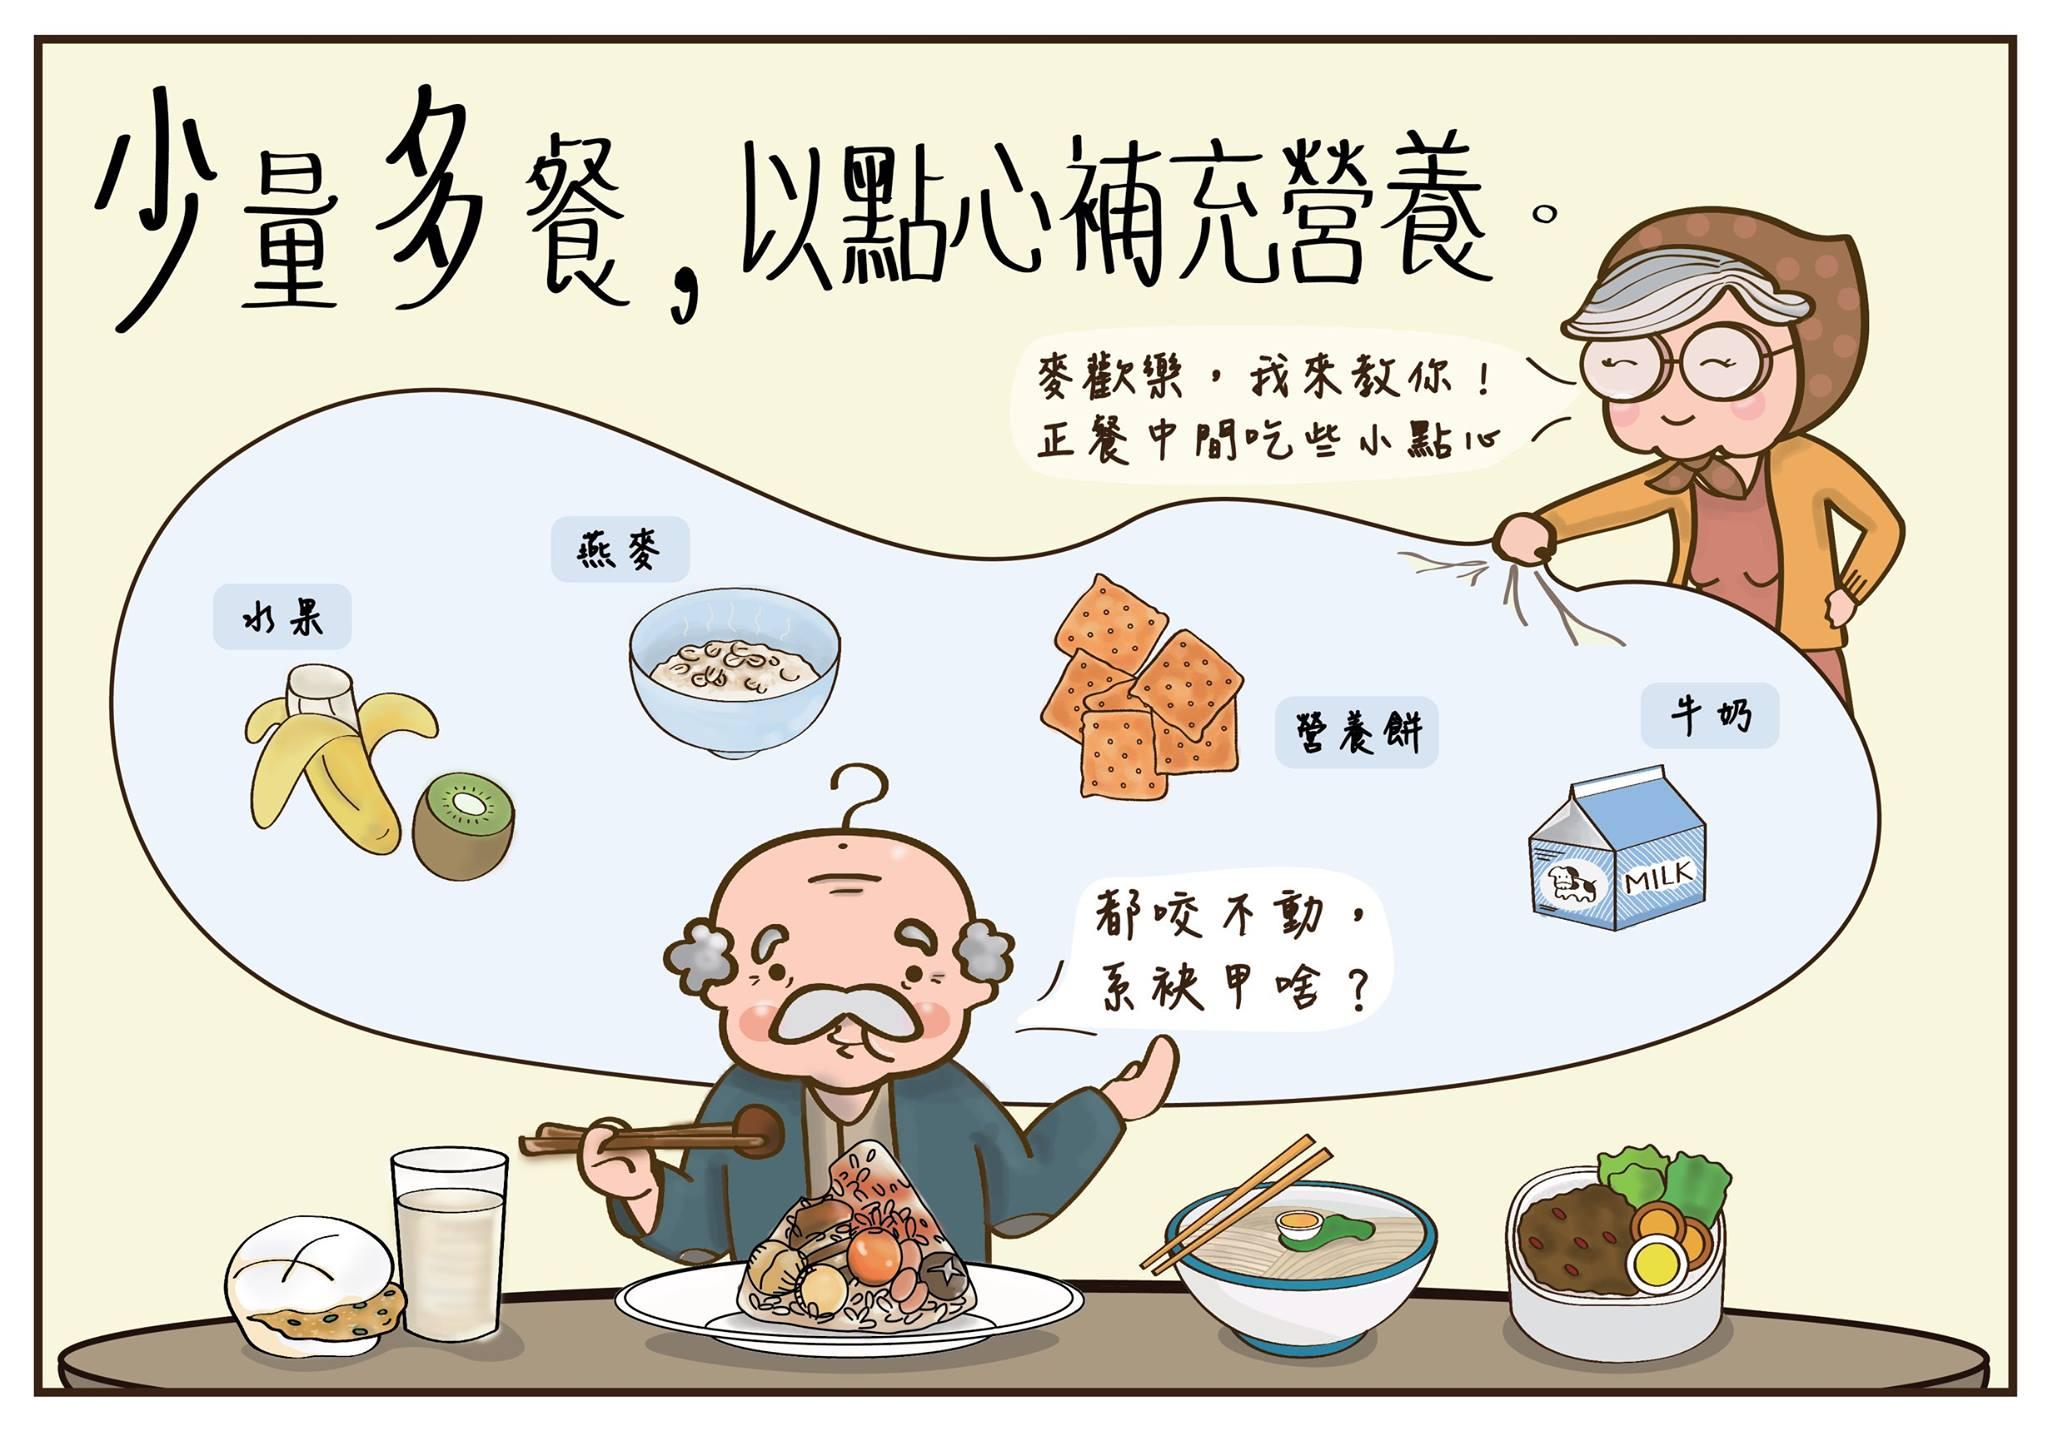 銀髮族飲食原則之『少量多餐』 - 家有一老如有一寶 - udn部落格